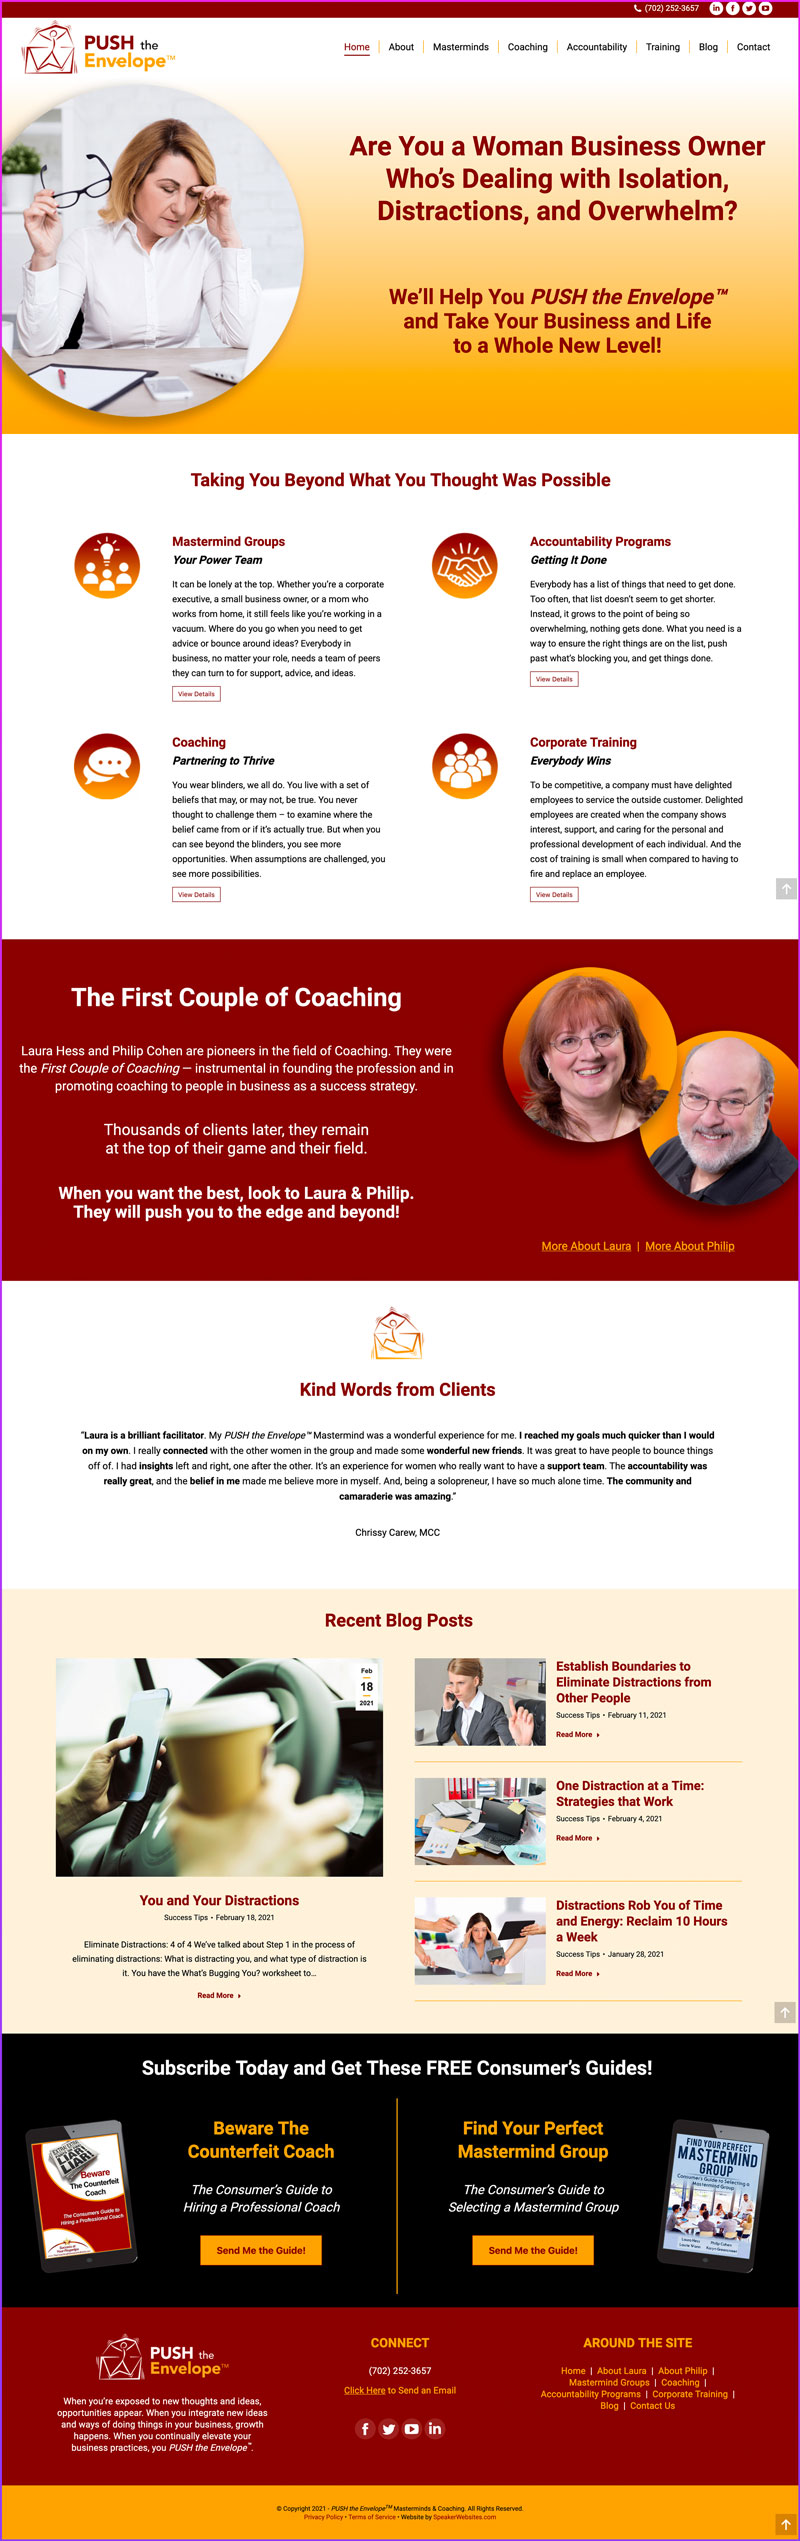 PUSH the Envelope™ Masterminds & Coaching